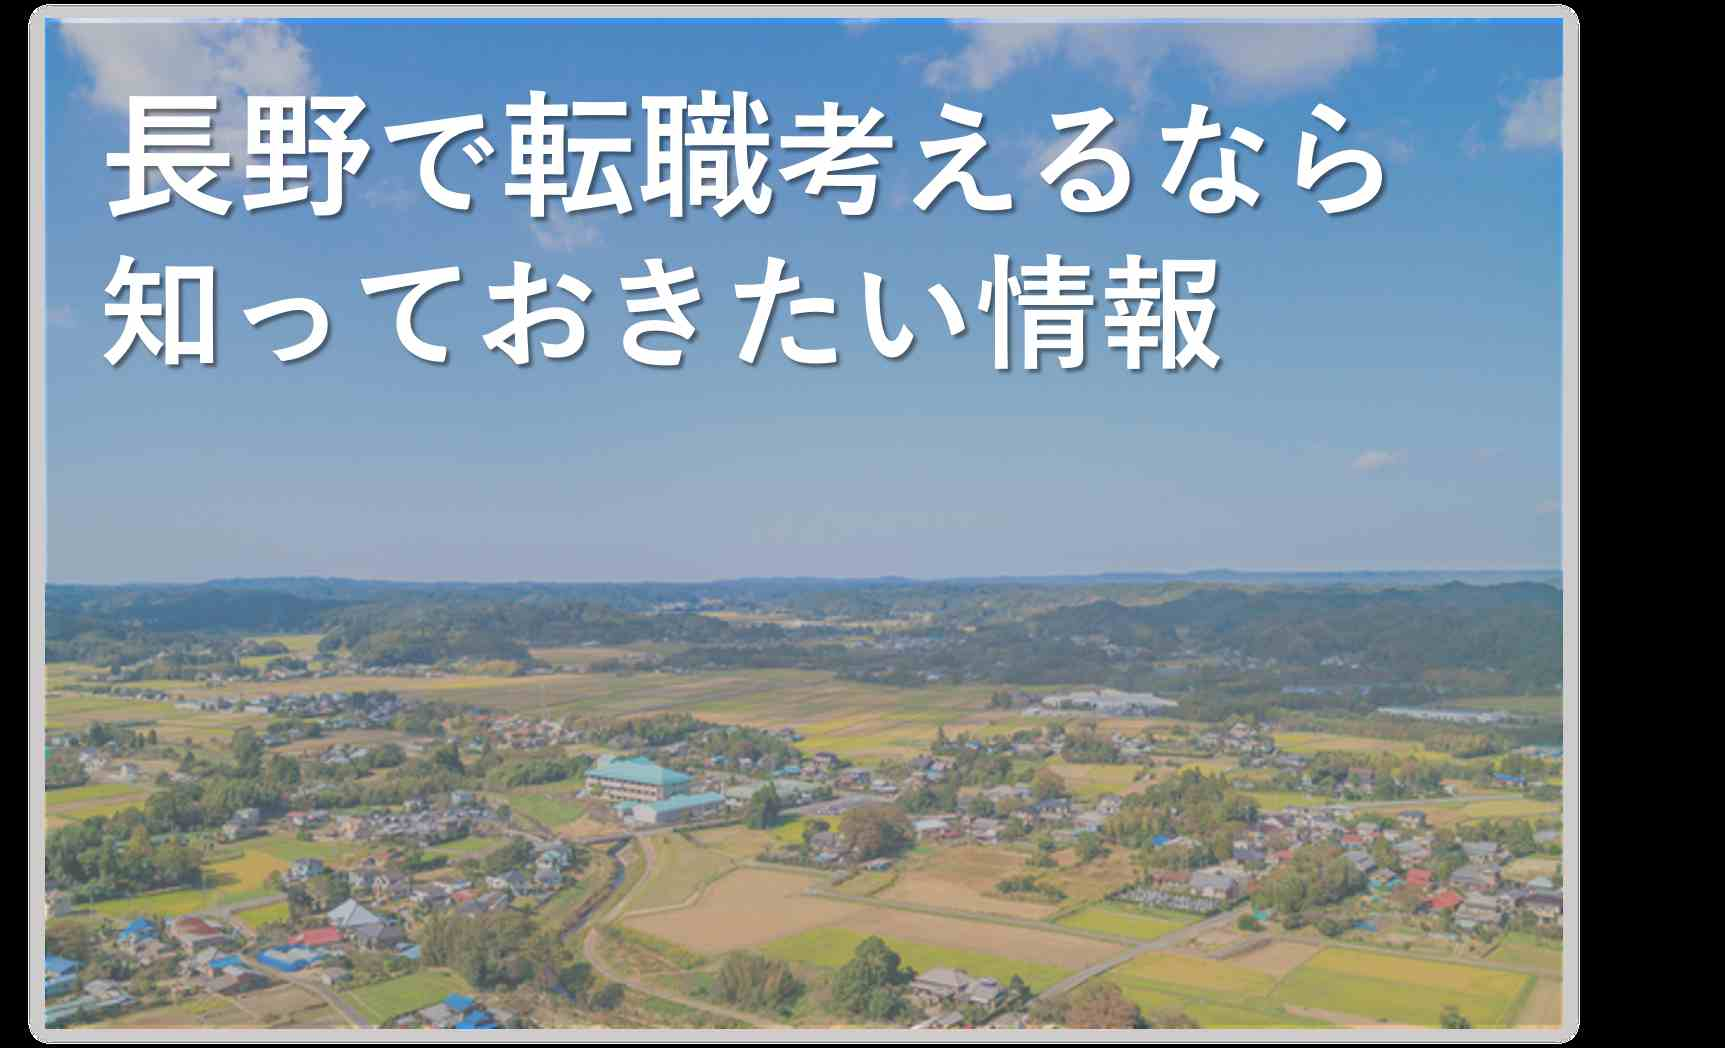 長野への転職や移住に役立つアドバイス